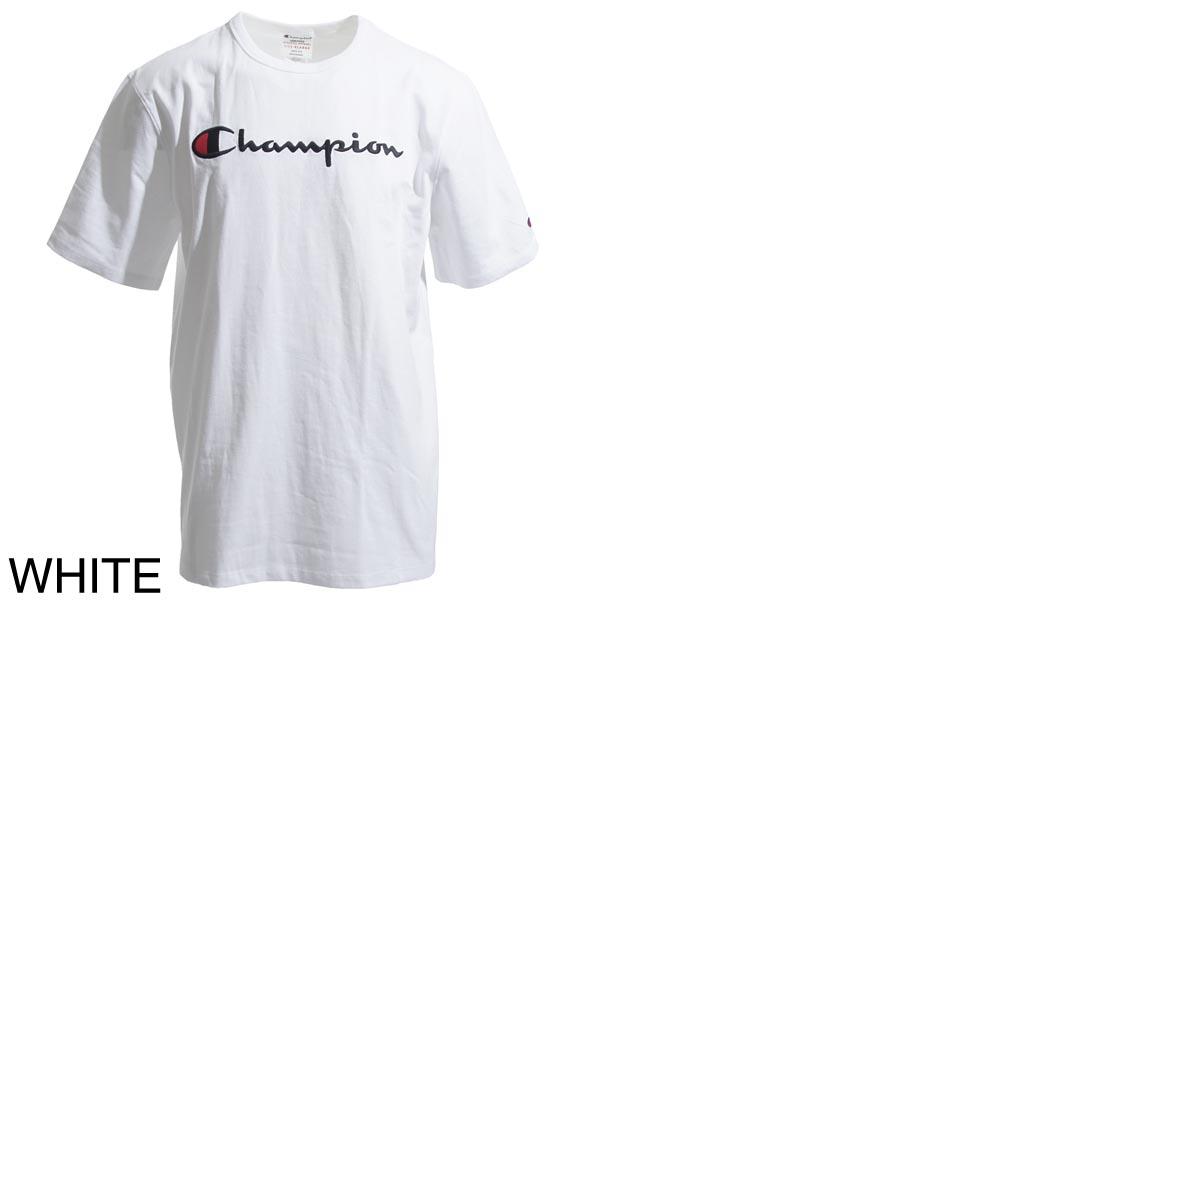 【大感謝祭】【アウトレット】Champion チャンピオン クルーネック Tシャツ/HERITAGE TEE メンズ